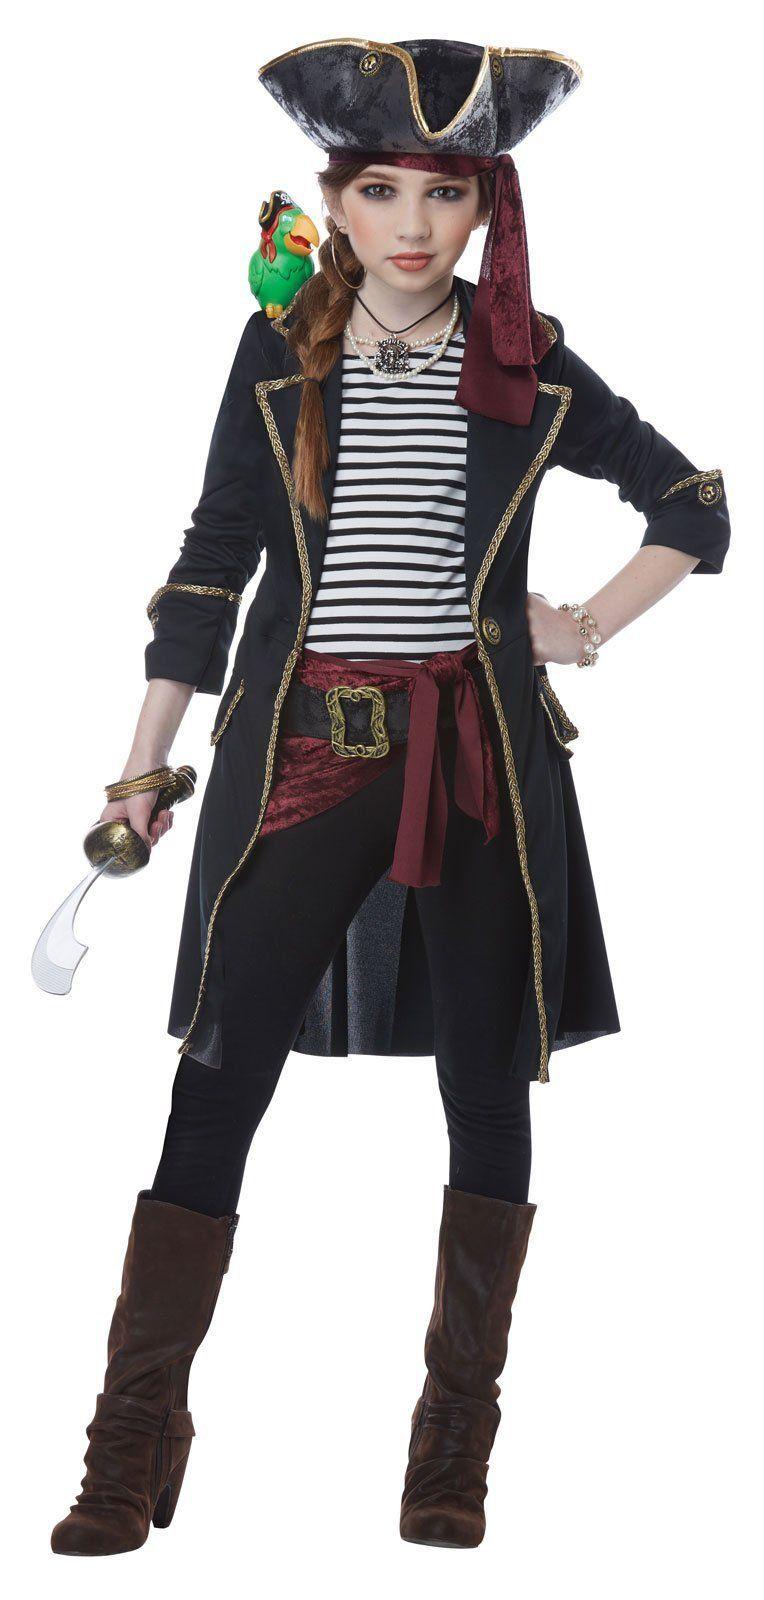 Картинка одежды капитана пирата девушка